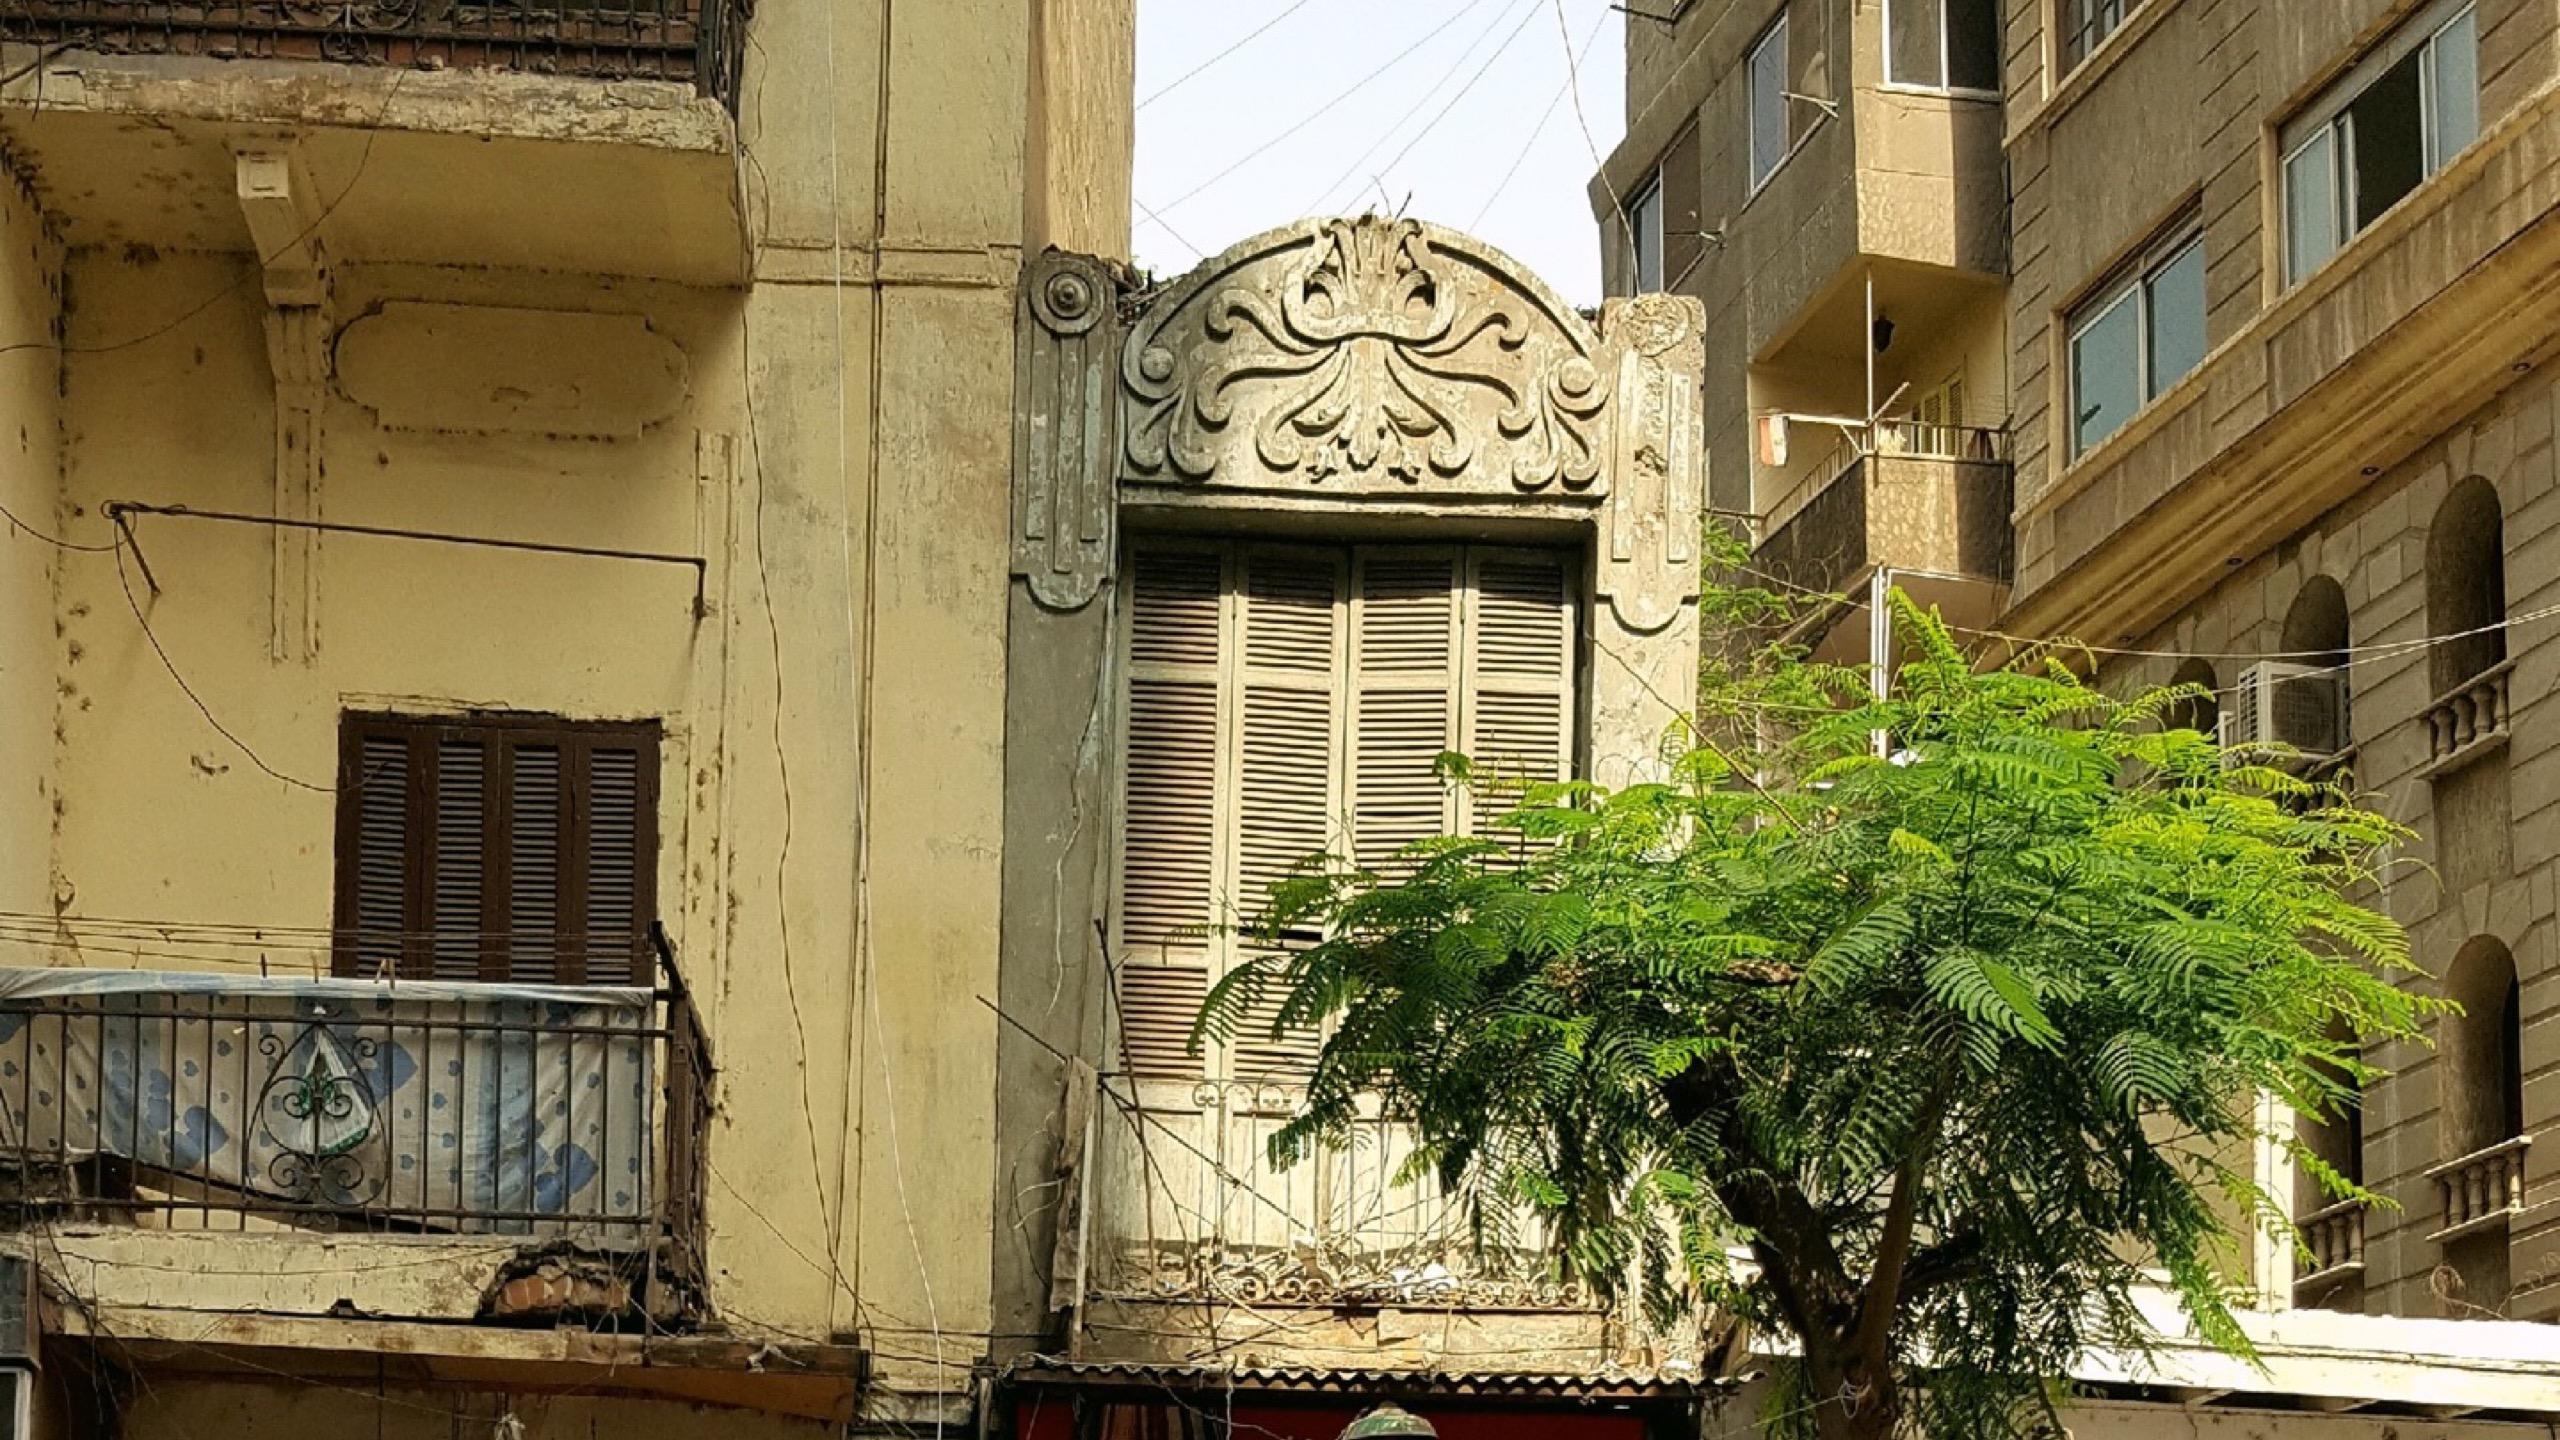 مبنى صغير بين عمارات عملاقة للتجارة والراحة في شارع الجمهورية - تصوير ميشيل حنا